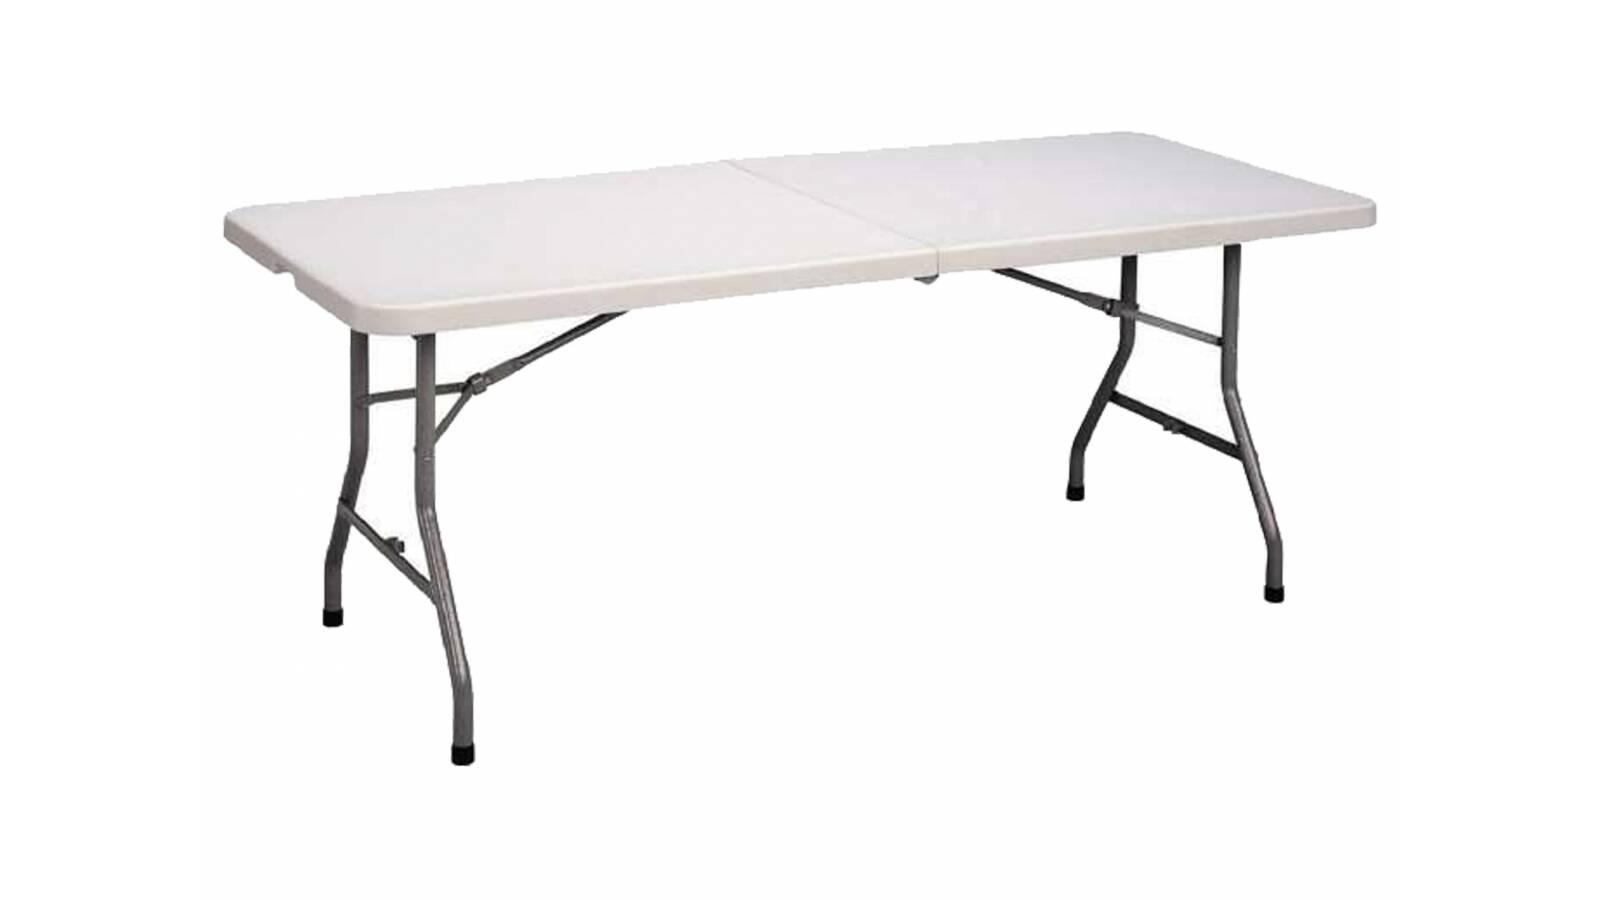 Mesa plegable tipo valija 152 cm Blanca